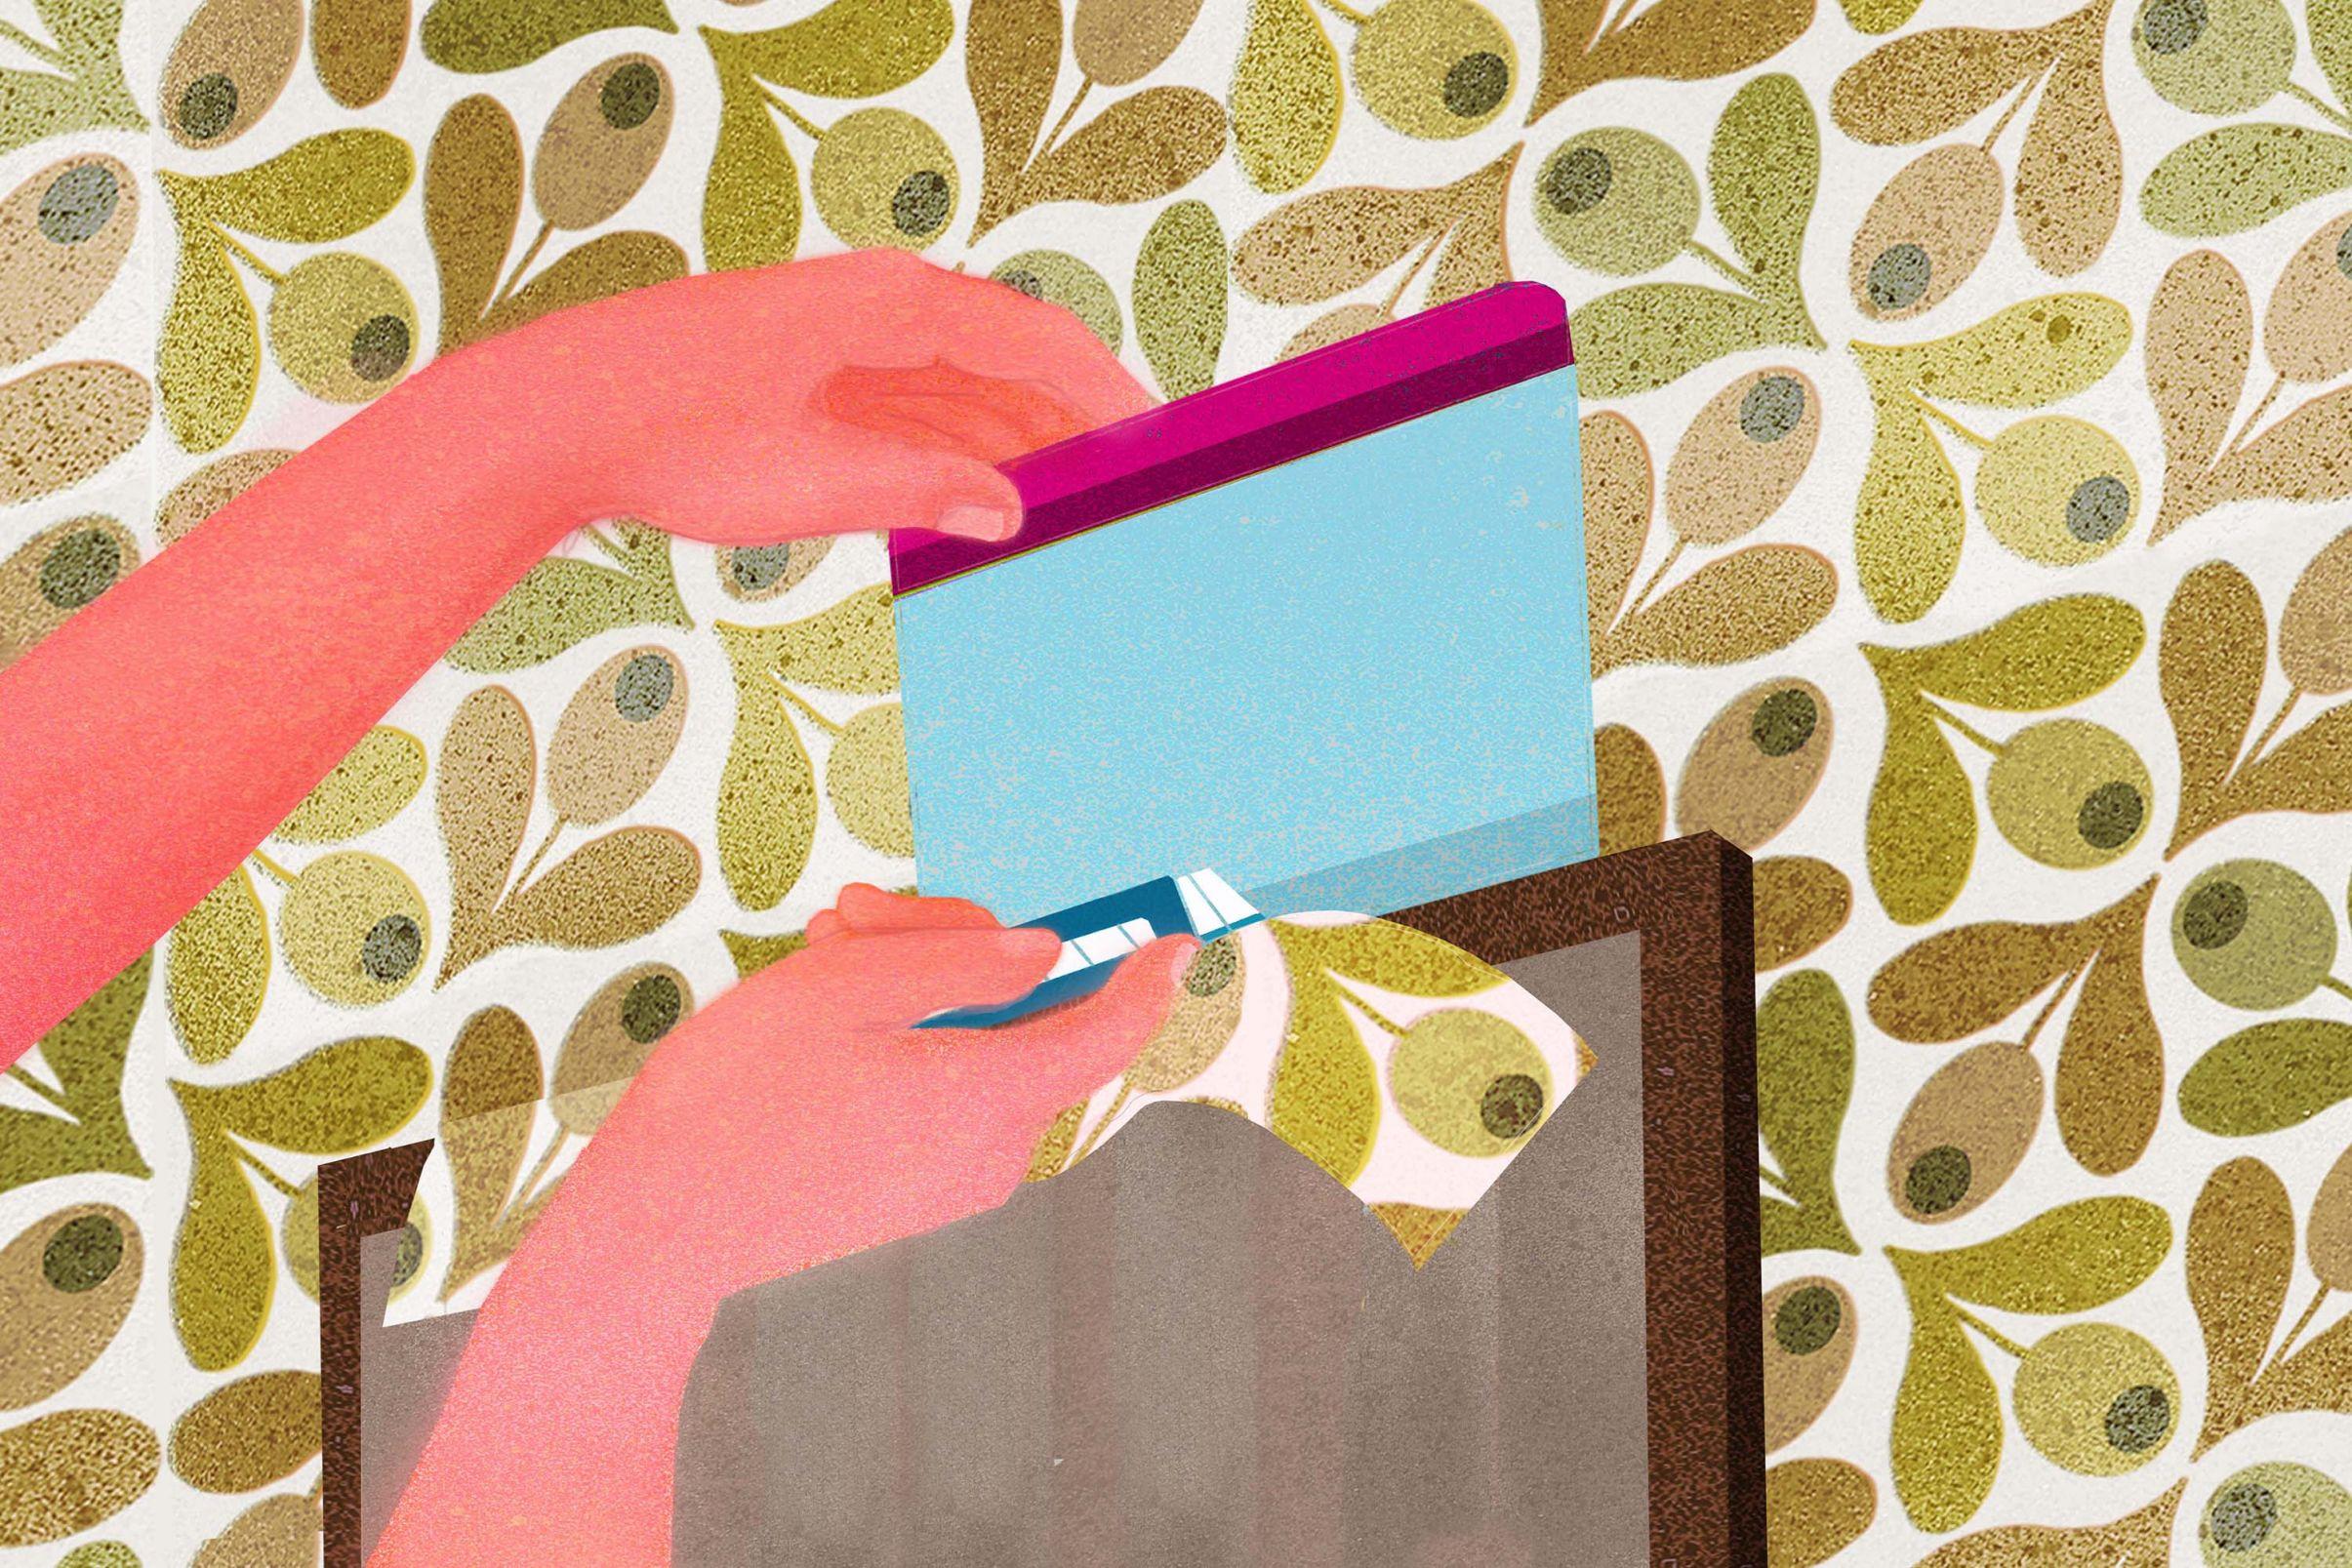 Come-posare-la-carta-da-parati-attorno-a-porte-e-finestre-Aggiungere-altri-teli-e-tagliare-il-materiale-in-eccedenza